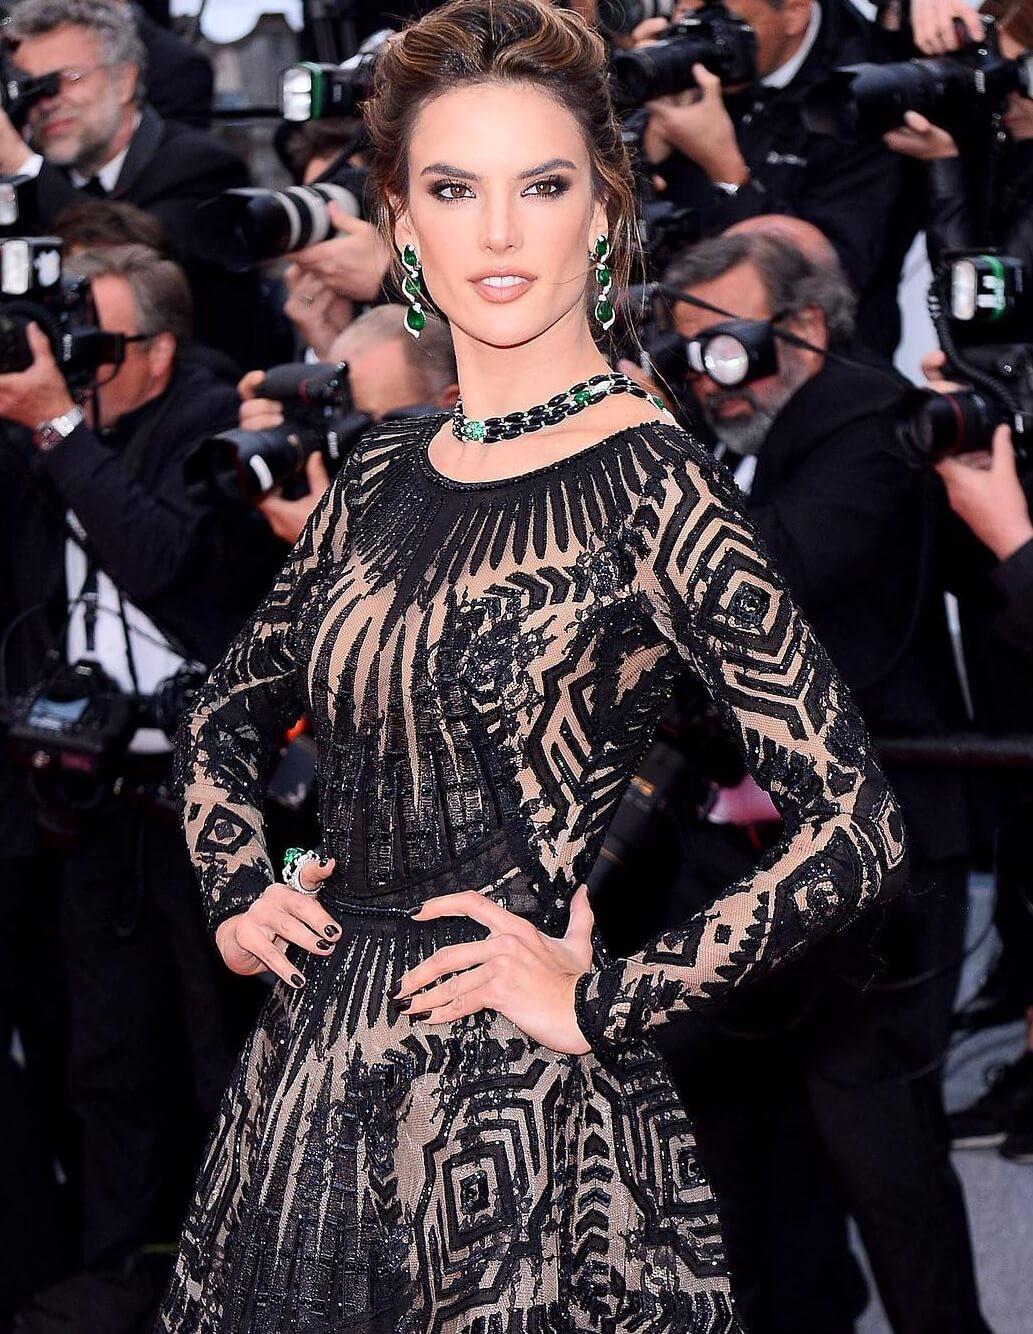 Thảm đỏ Cannes những ngày qua không thiếu công chúa nhưng phải đến bây giờ, nữ hoàng mới thực sự xuất hiện - Ảnh 3.